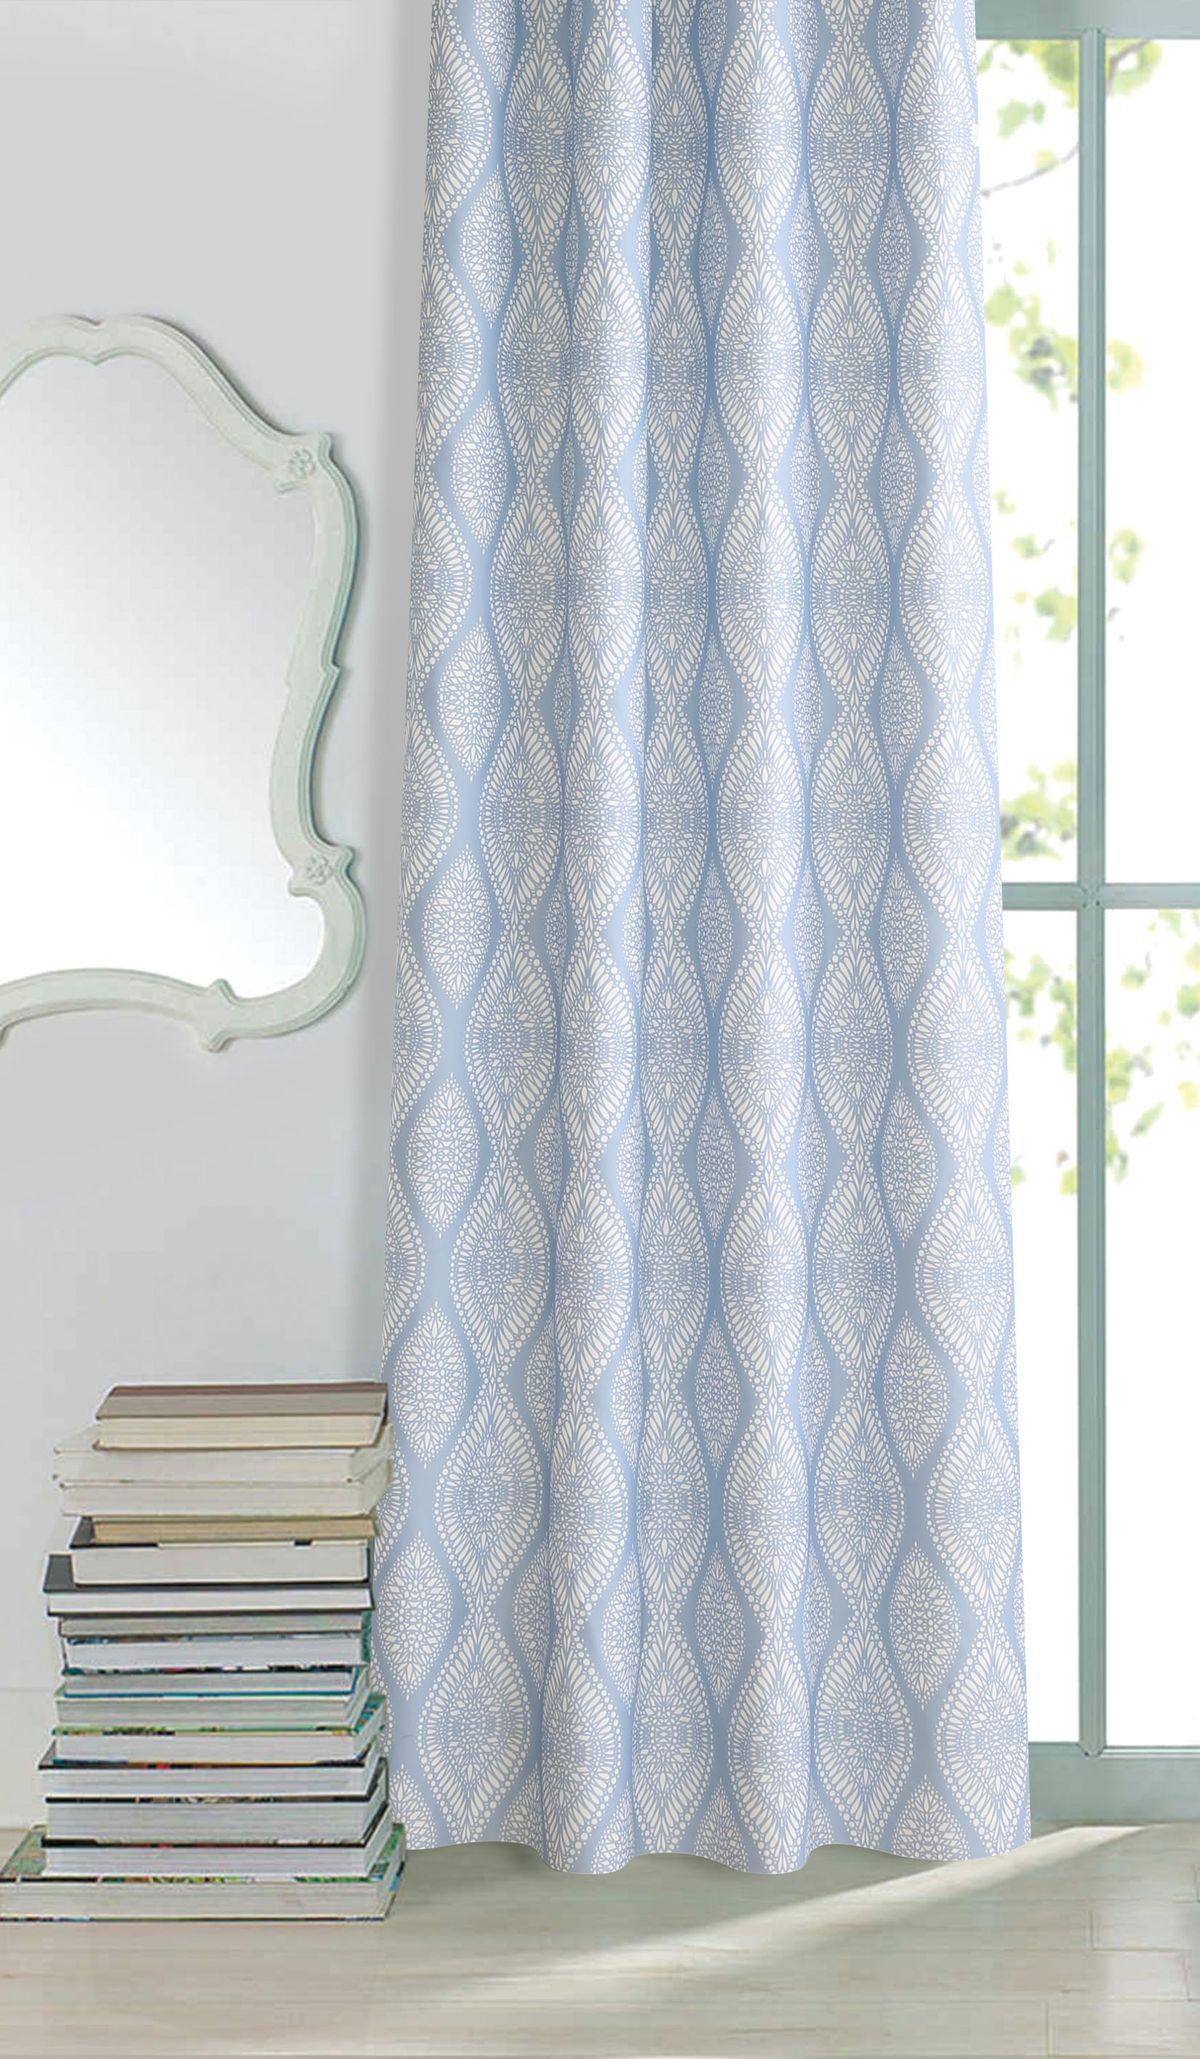 """Изящная штора для гостиной """"Garden"""" выполнена из плотной ткани. Приятная текстура и цвет привлекут к себе внимание и органично впишутся в интерьер помещения. Штора крепится на карниз при помощи ленты, которая поможет красиво и равномерно задрапировать верх."""